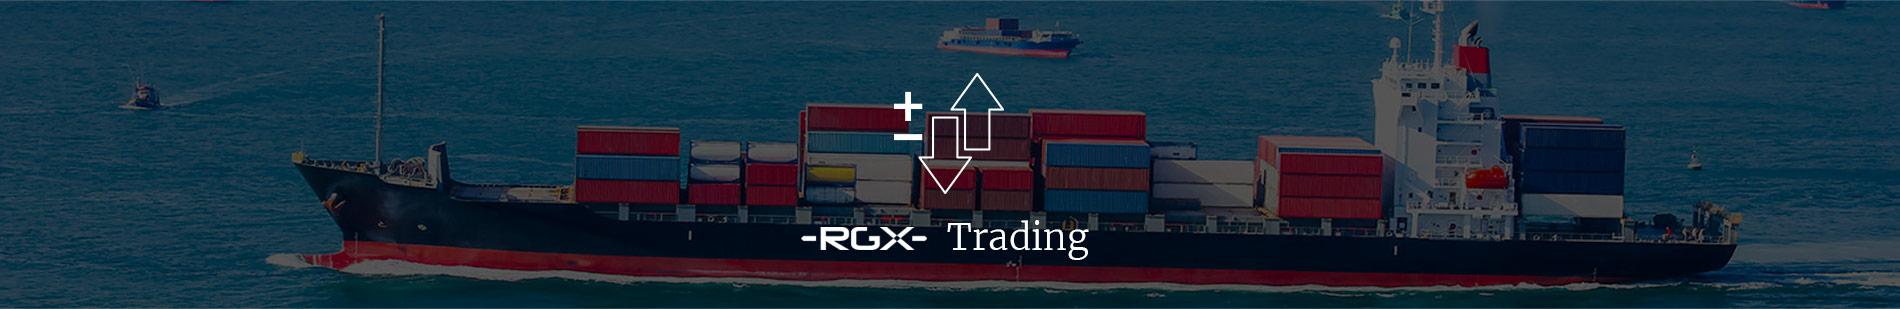 RGX Trading